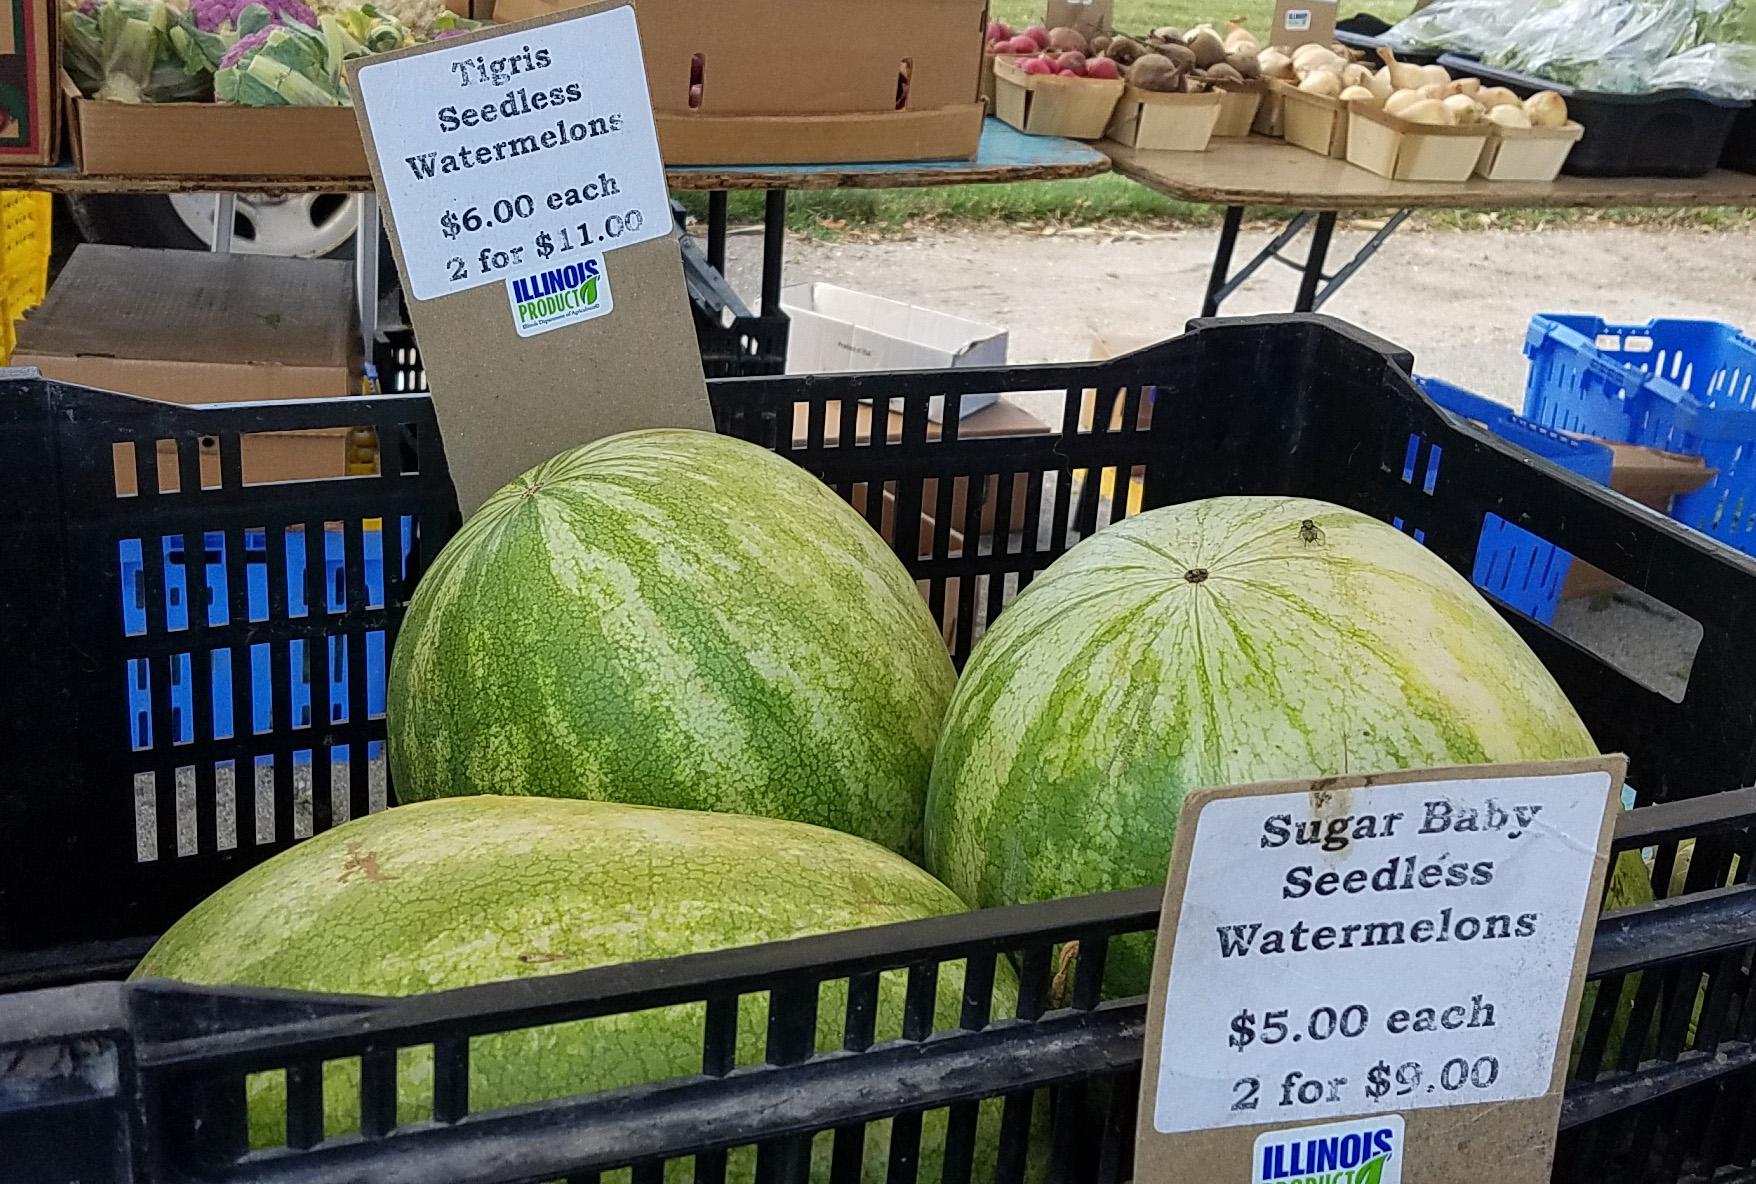 seedless watermelon 8 great finds at the jjc farmers market joliet junior college six generations farmin local, inc. 6